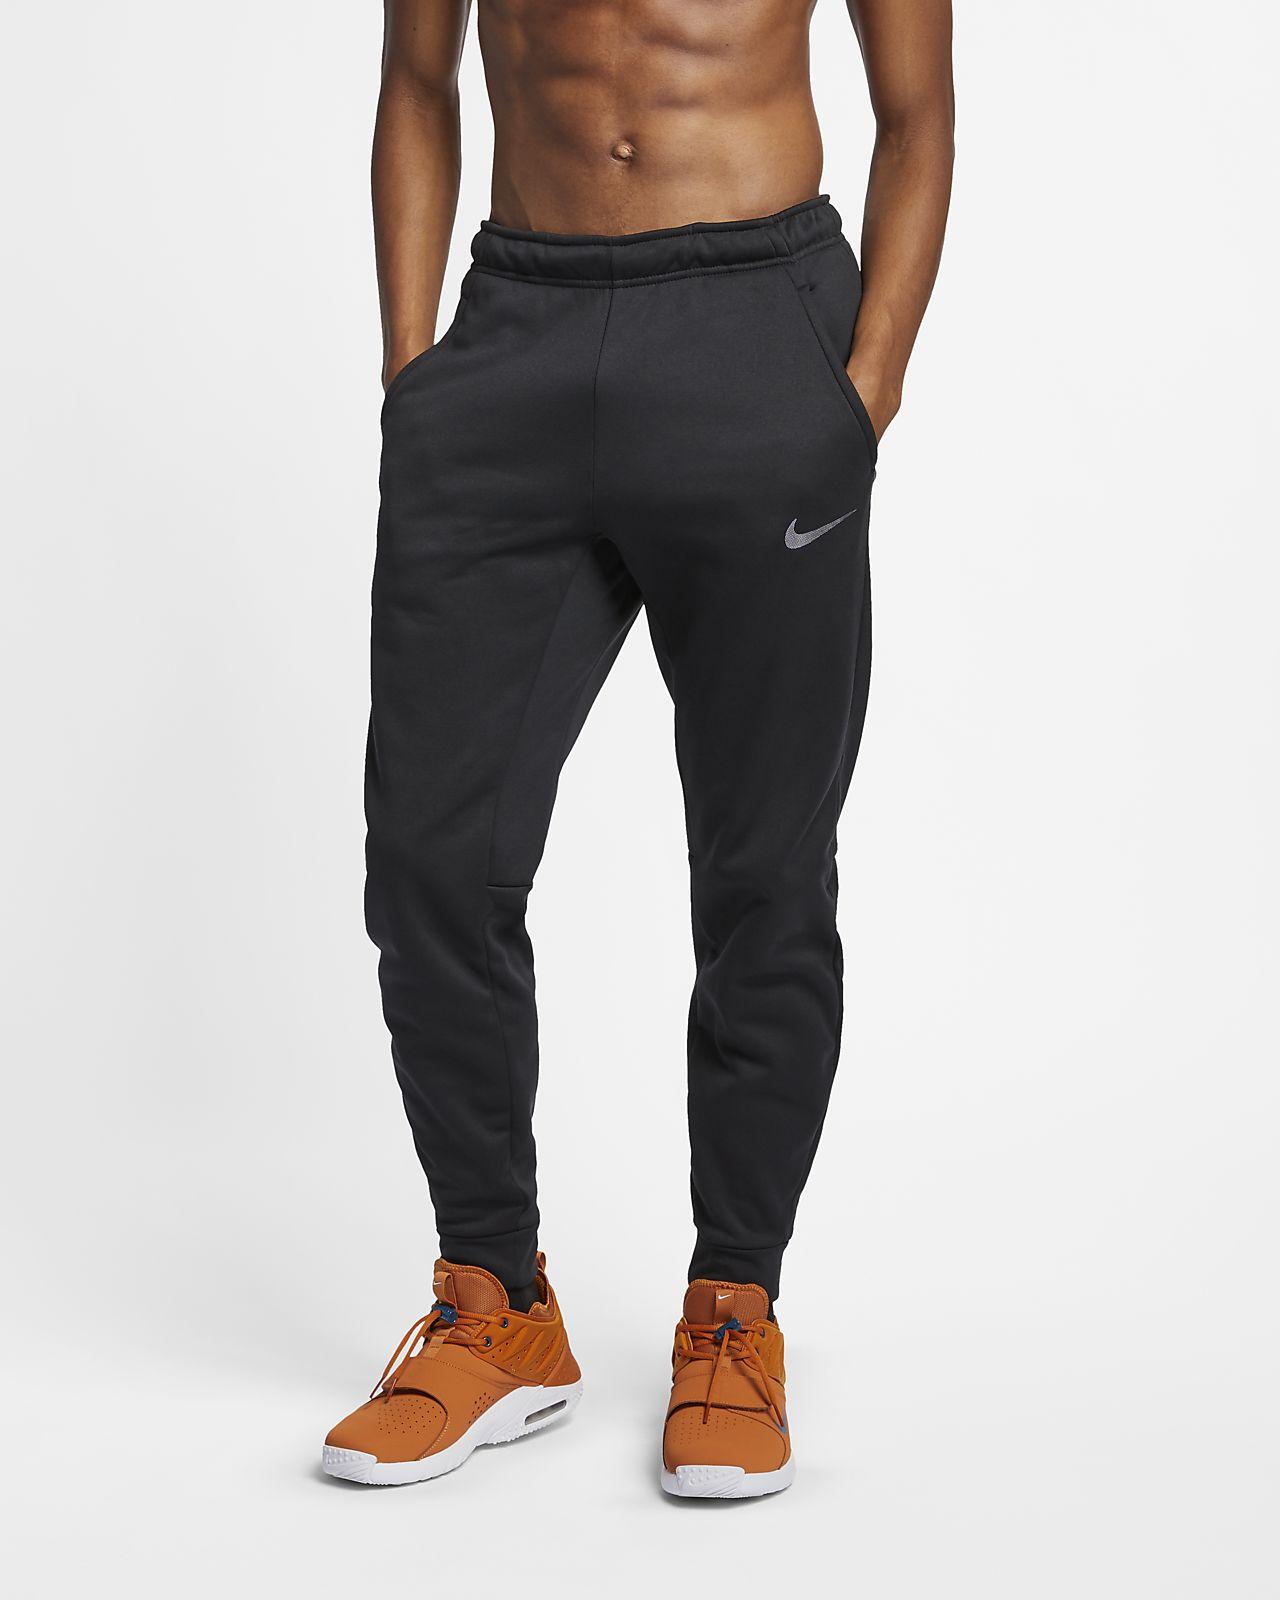 Pantalon de training fuselé Nike Therma pour Homme